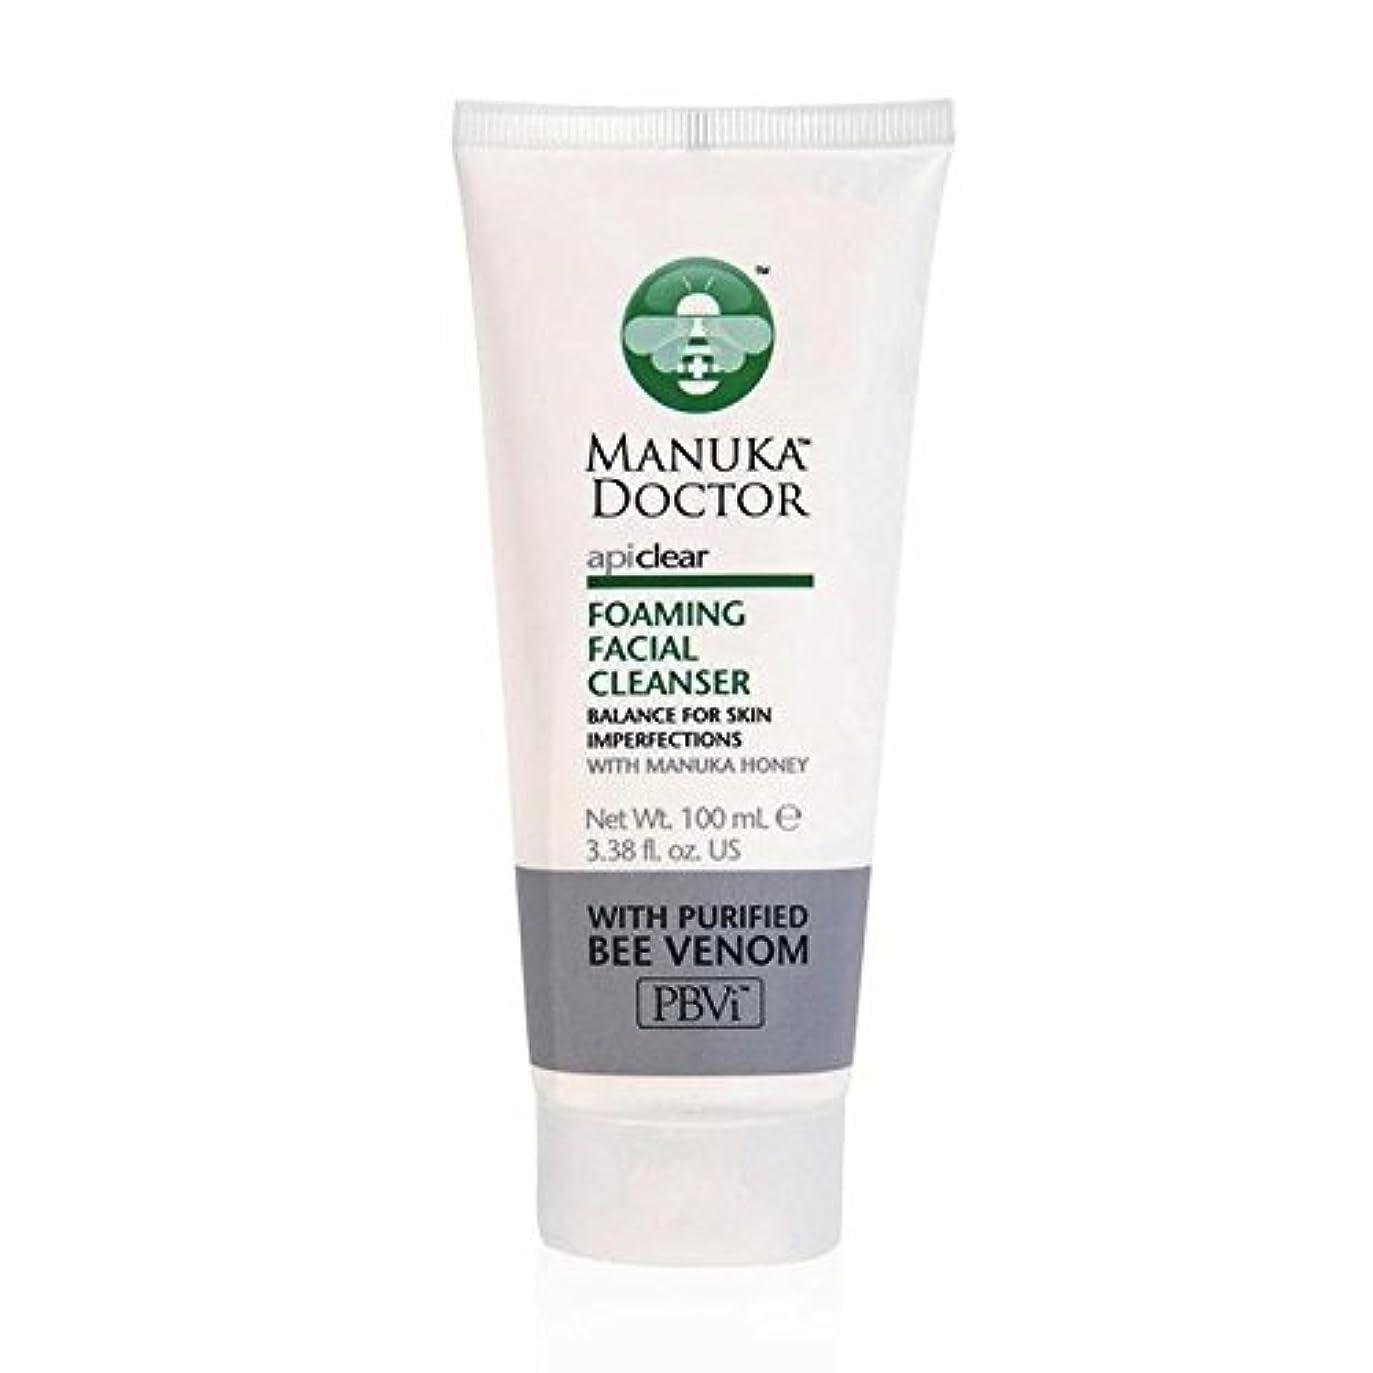 ボーカル困惑努力するManuka Doctor Api Clear Foaming Facial Cleanser 100ml (Pack of 6) - マヌカドクター明確な泡立ち洗顔料の100ミリリットル x6 [並行輸入品]